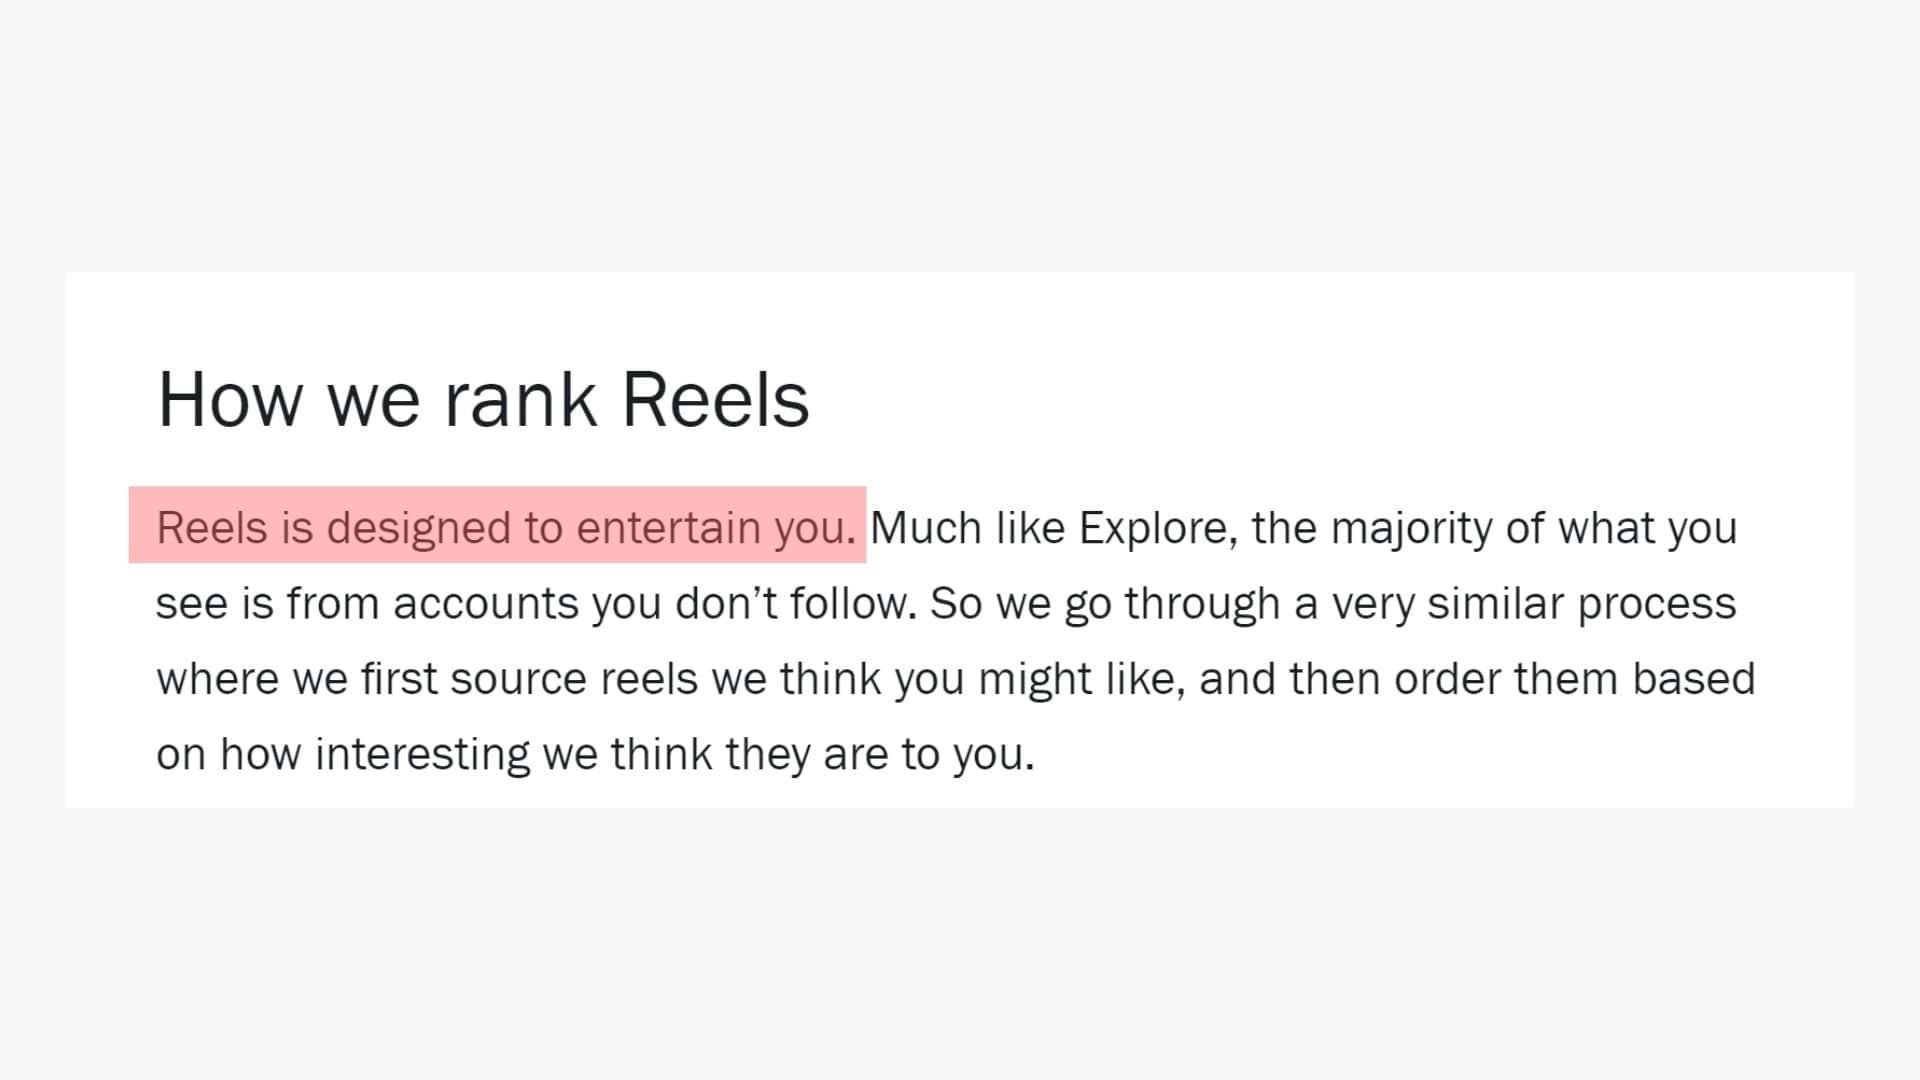 В официальном блоге соцсети прямо говорится, что Reels – для развлечения